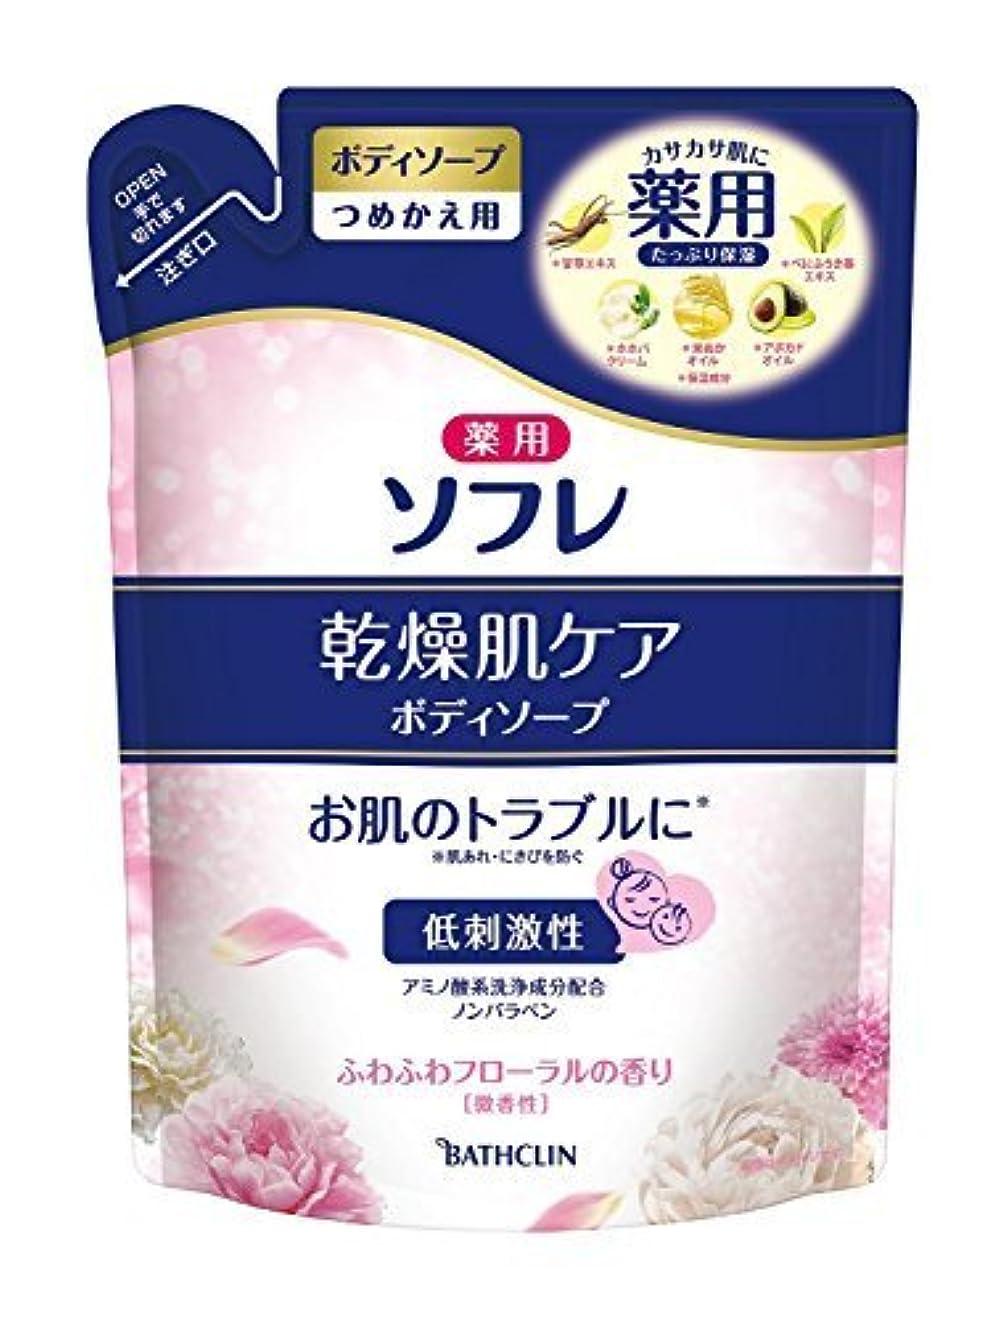 いくつかの草事前薬用ソフレ 乾燥肌ケアボディ詰替 × 3個セット